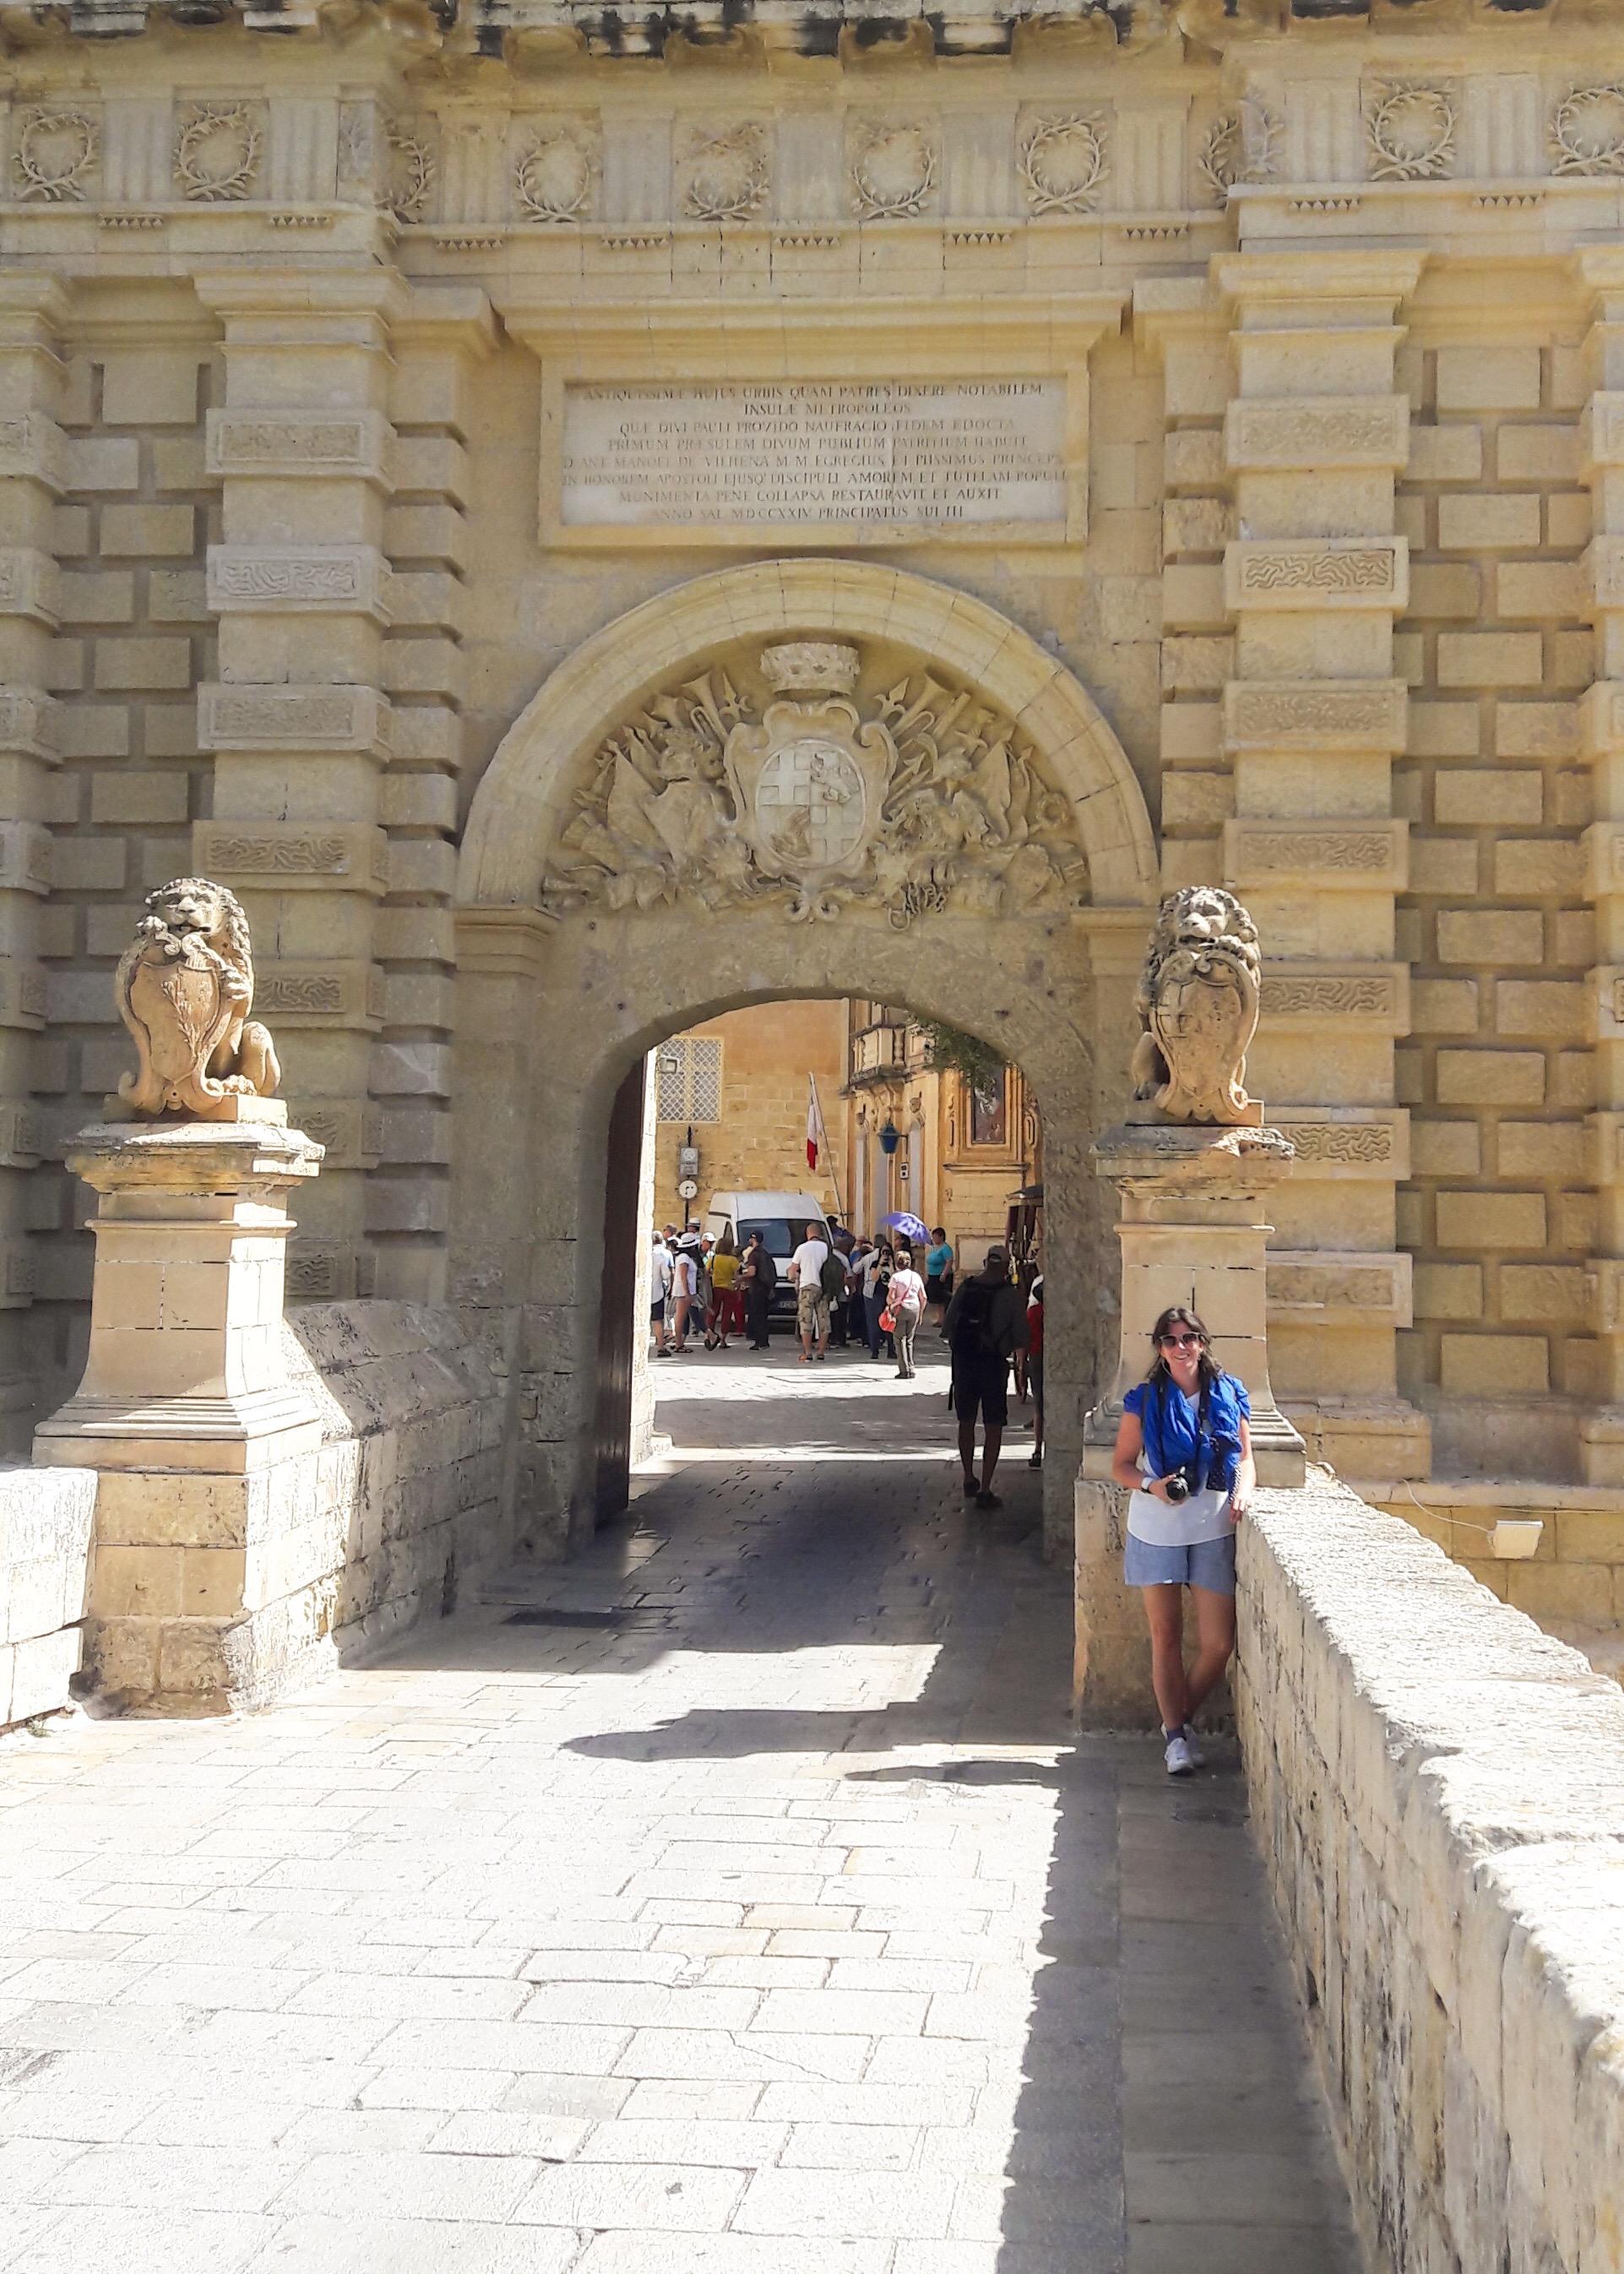 Mdina Malta city Gate